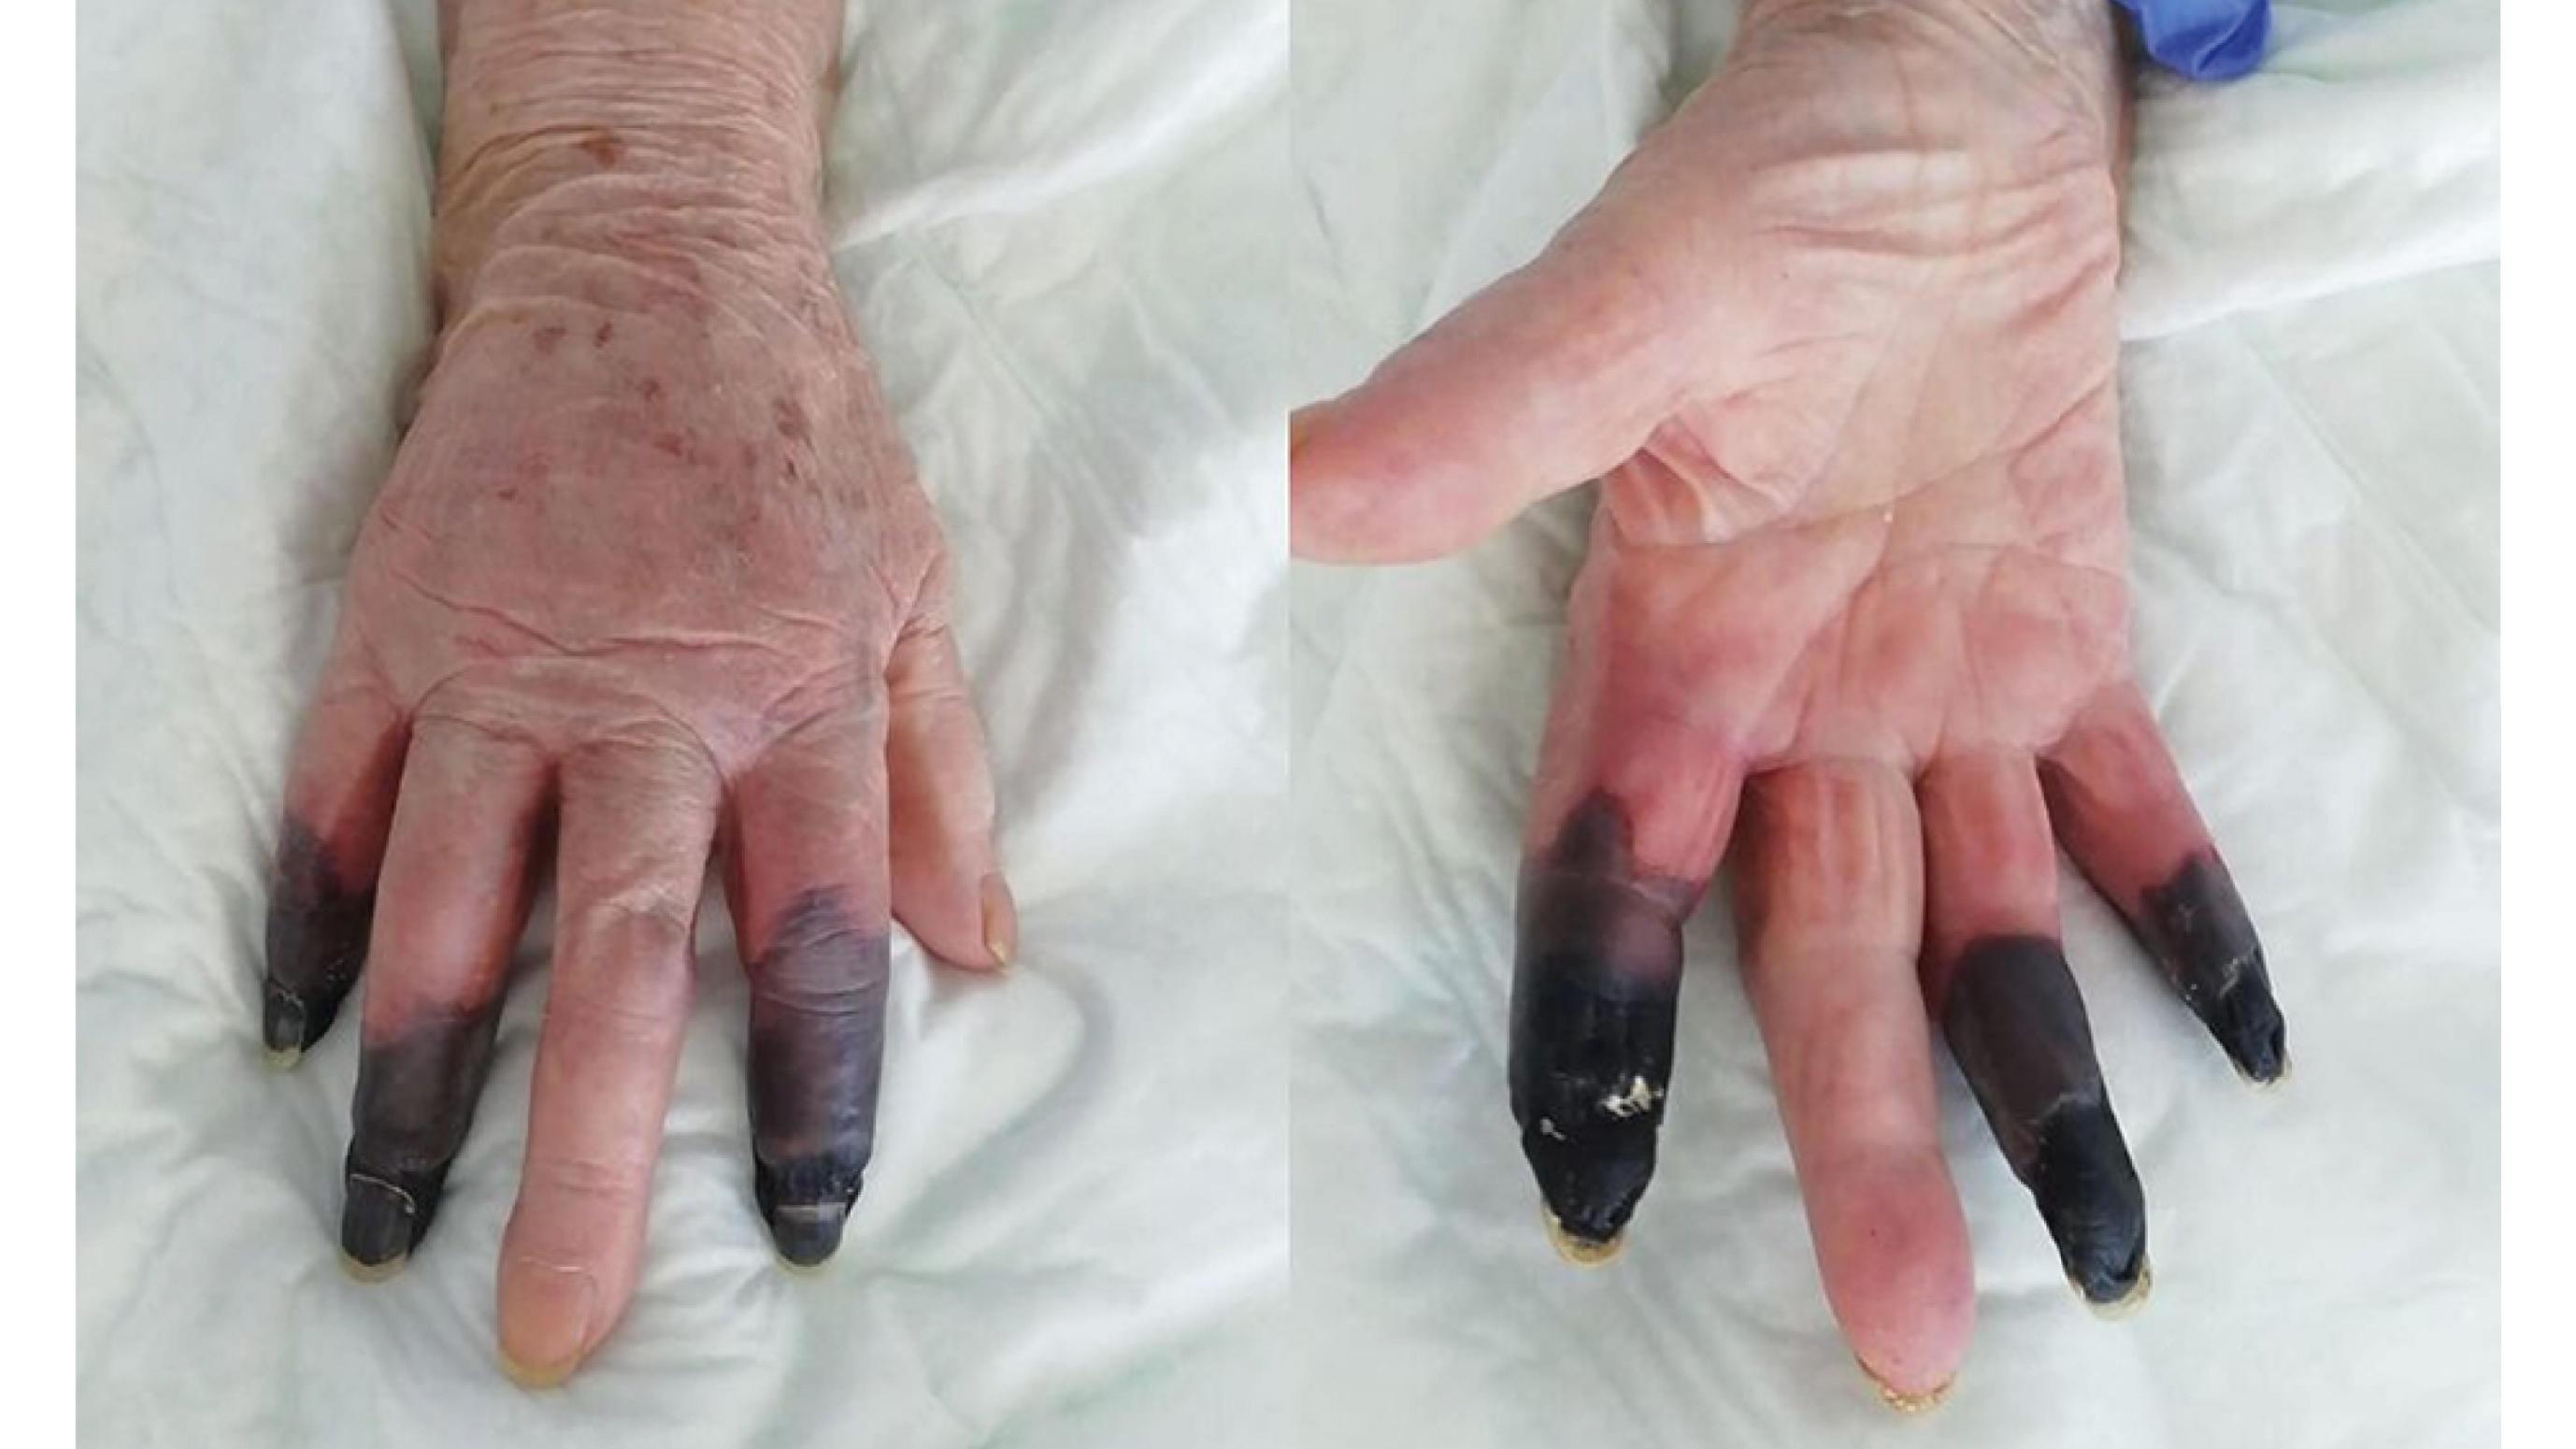 nach corona infektion 3 finger dieser